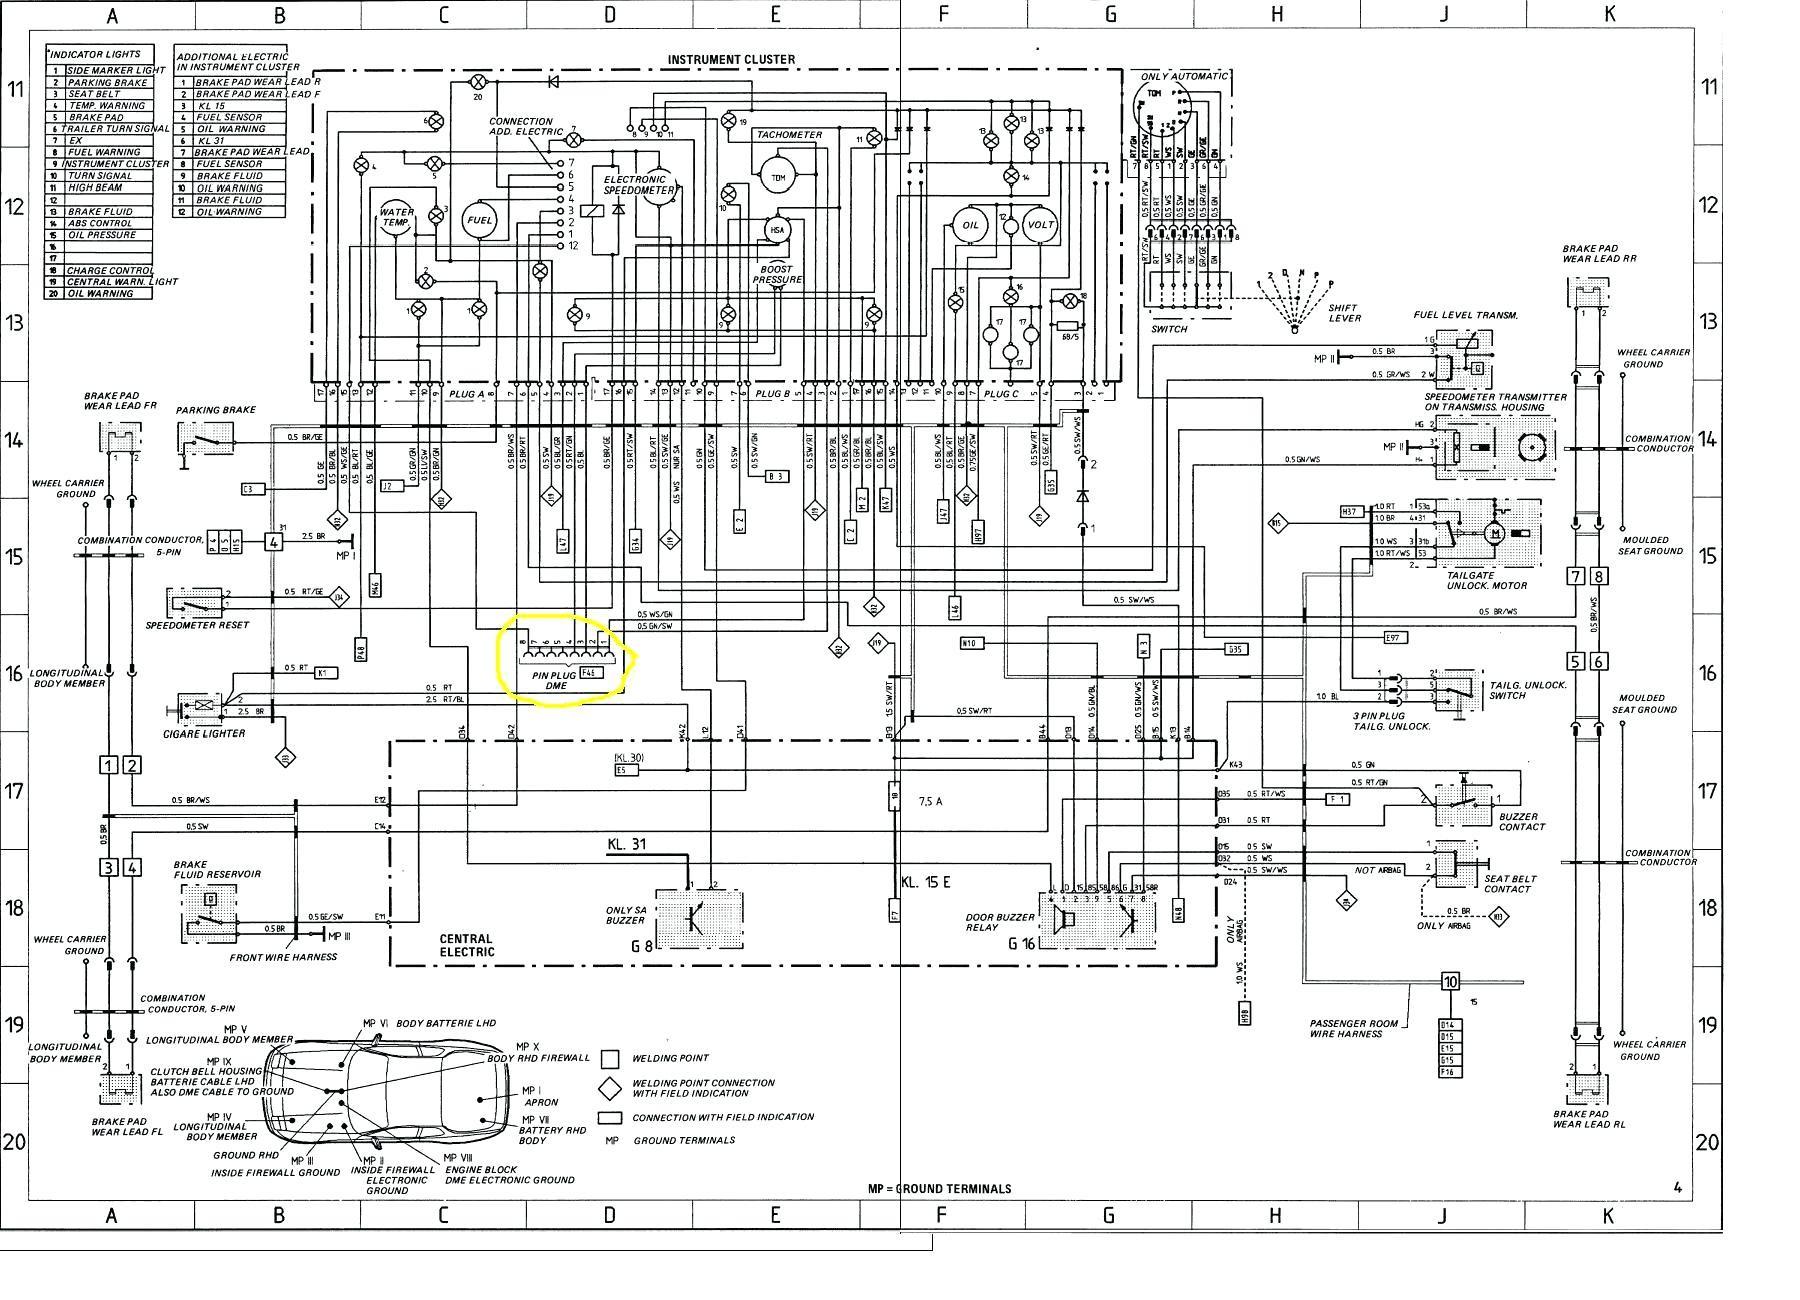 [DIAGRAM] Porsche 996 Wiring Diagram FULL Version HD